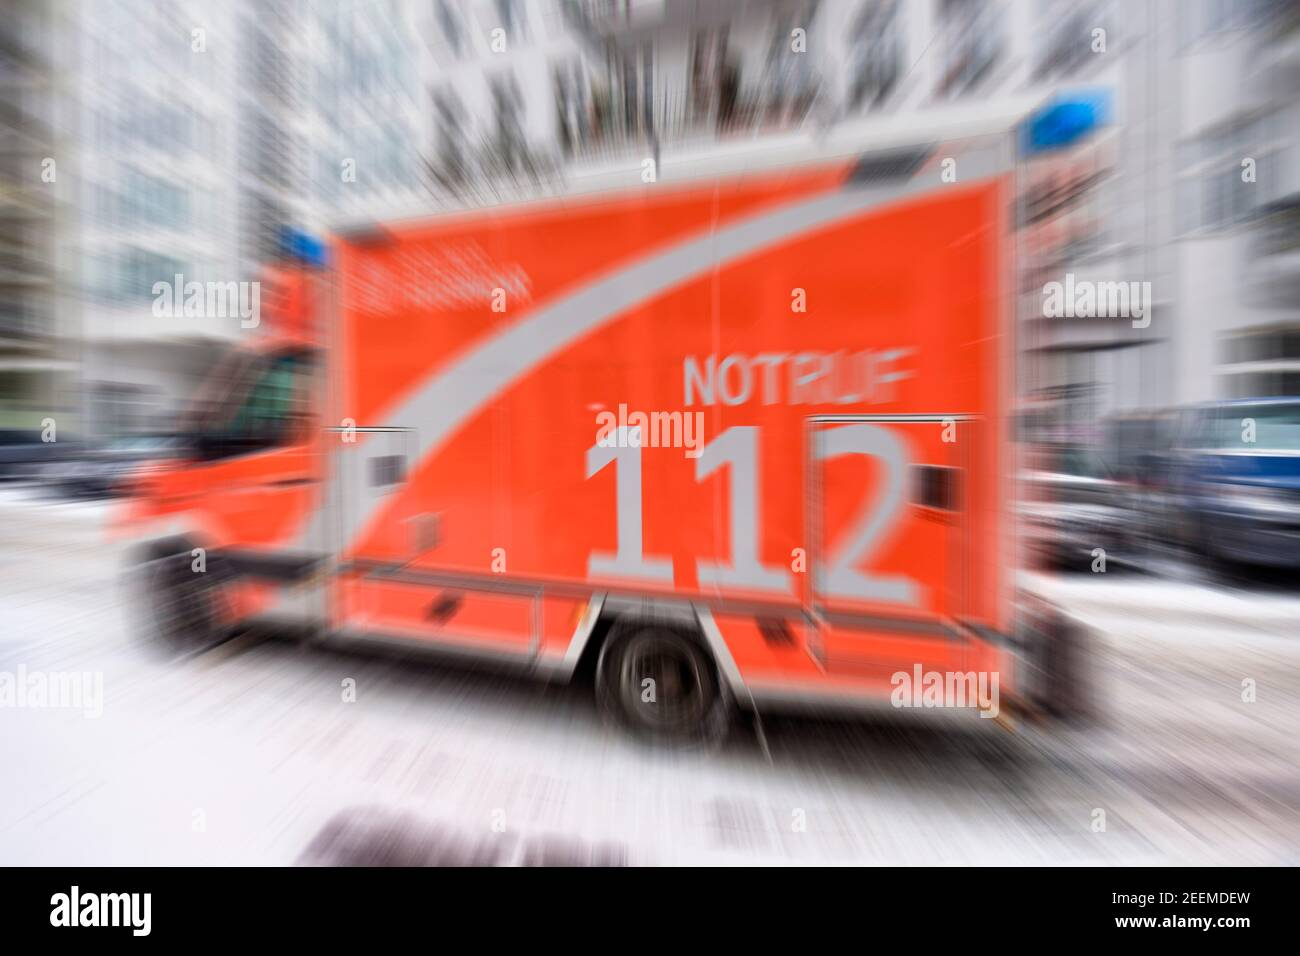 Notarzt Mettungswagen der Berliner Feuerwehr, Einsatzfahrt mit Blaulicht, Blaulicht und Matinshorn, Ambulanz, Kreuzberg, Berlín Foto de stock